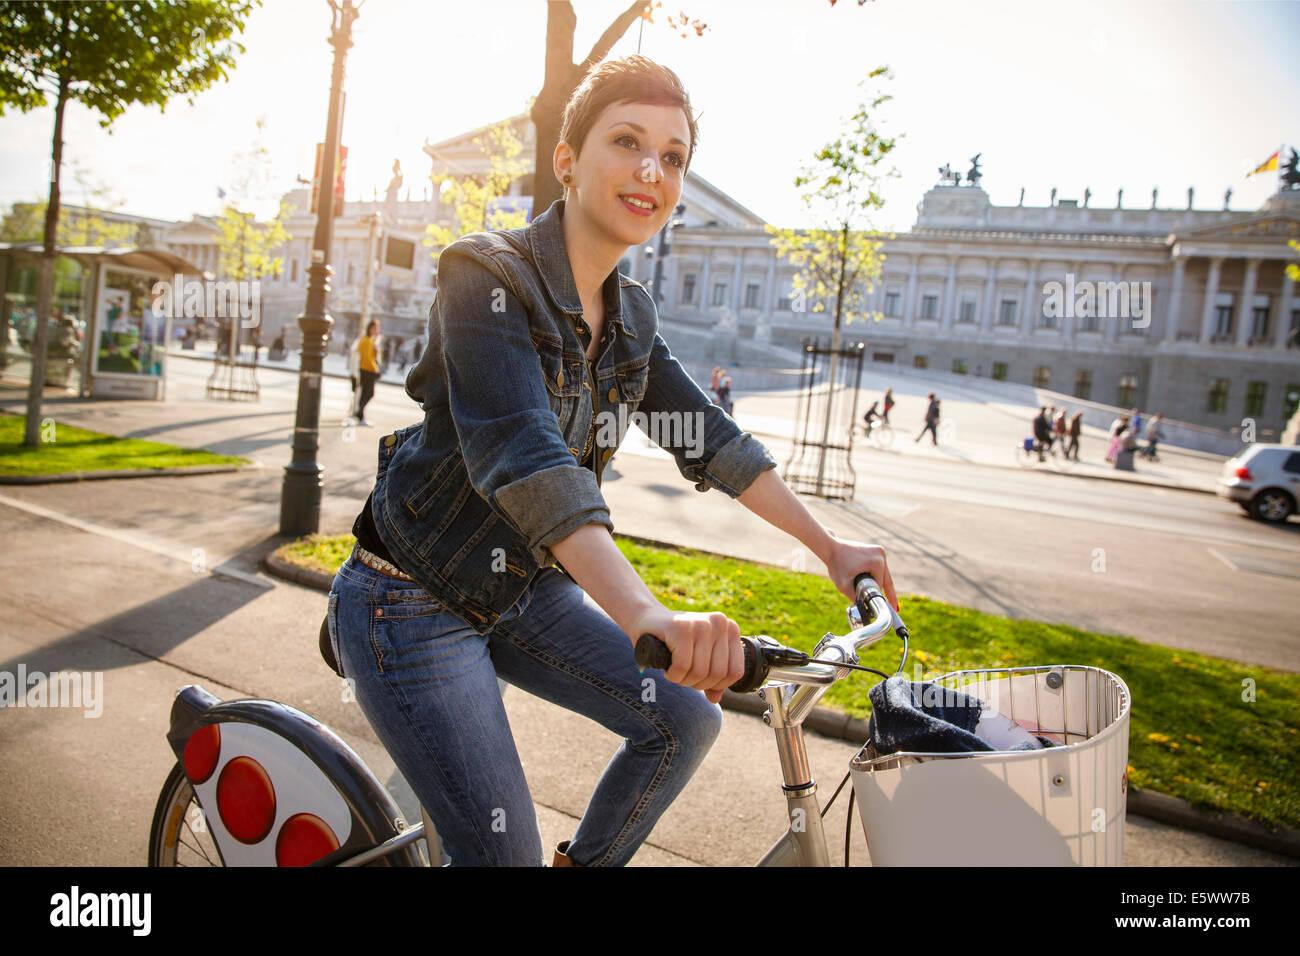 Mujer adulta joven en bicicleta a través de la ciudad de Viena, Austria Imagen De Stock